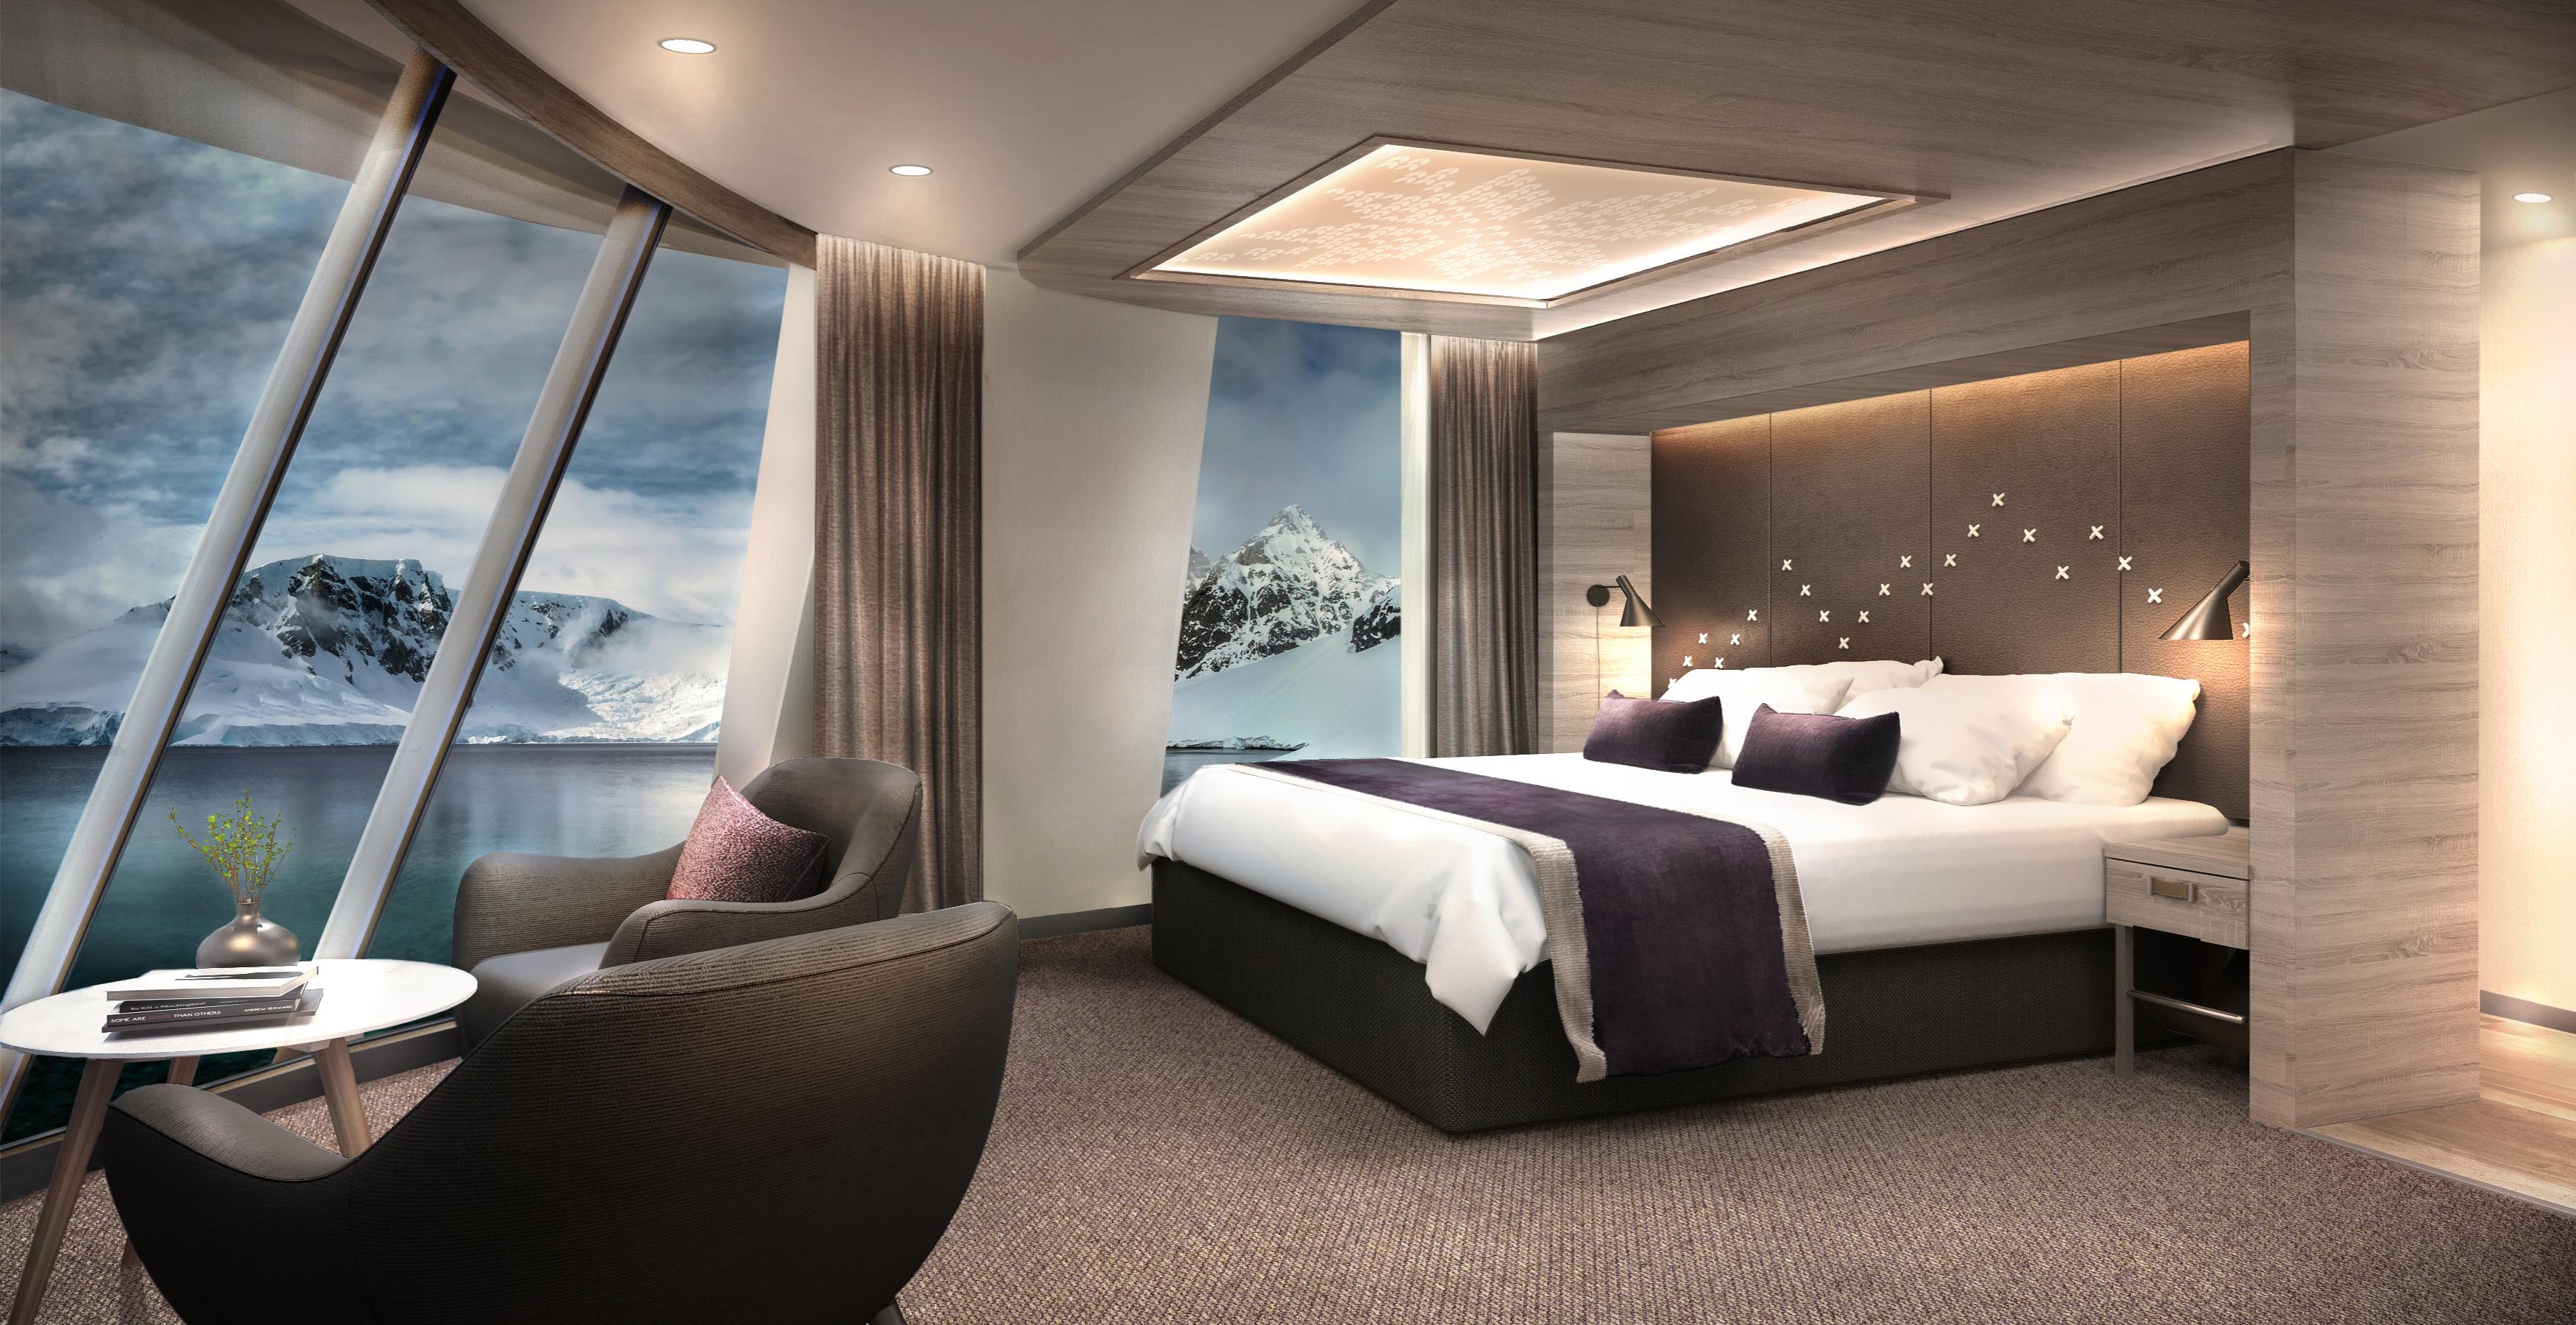 Hurtigruten vil ombygge MS Finnmarken, der blandt andet får fem nye store suiter. Foto: Hurtigruten.